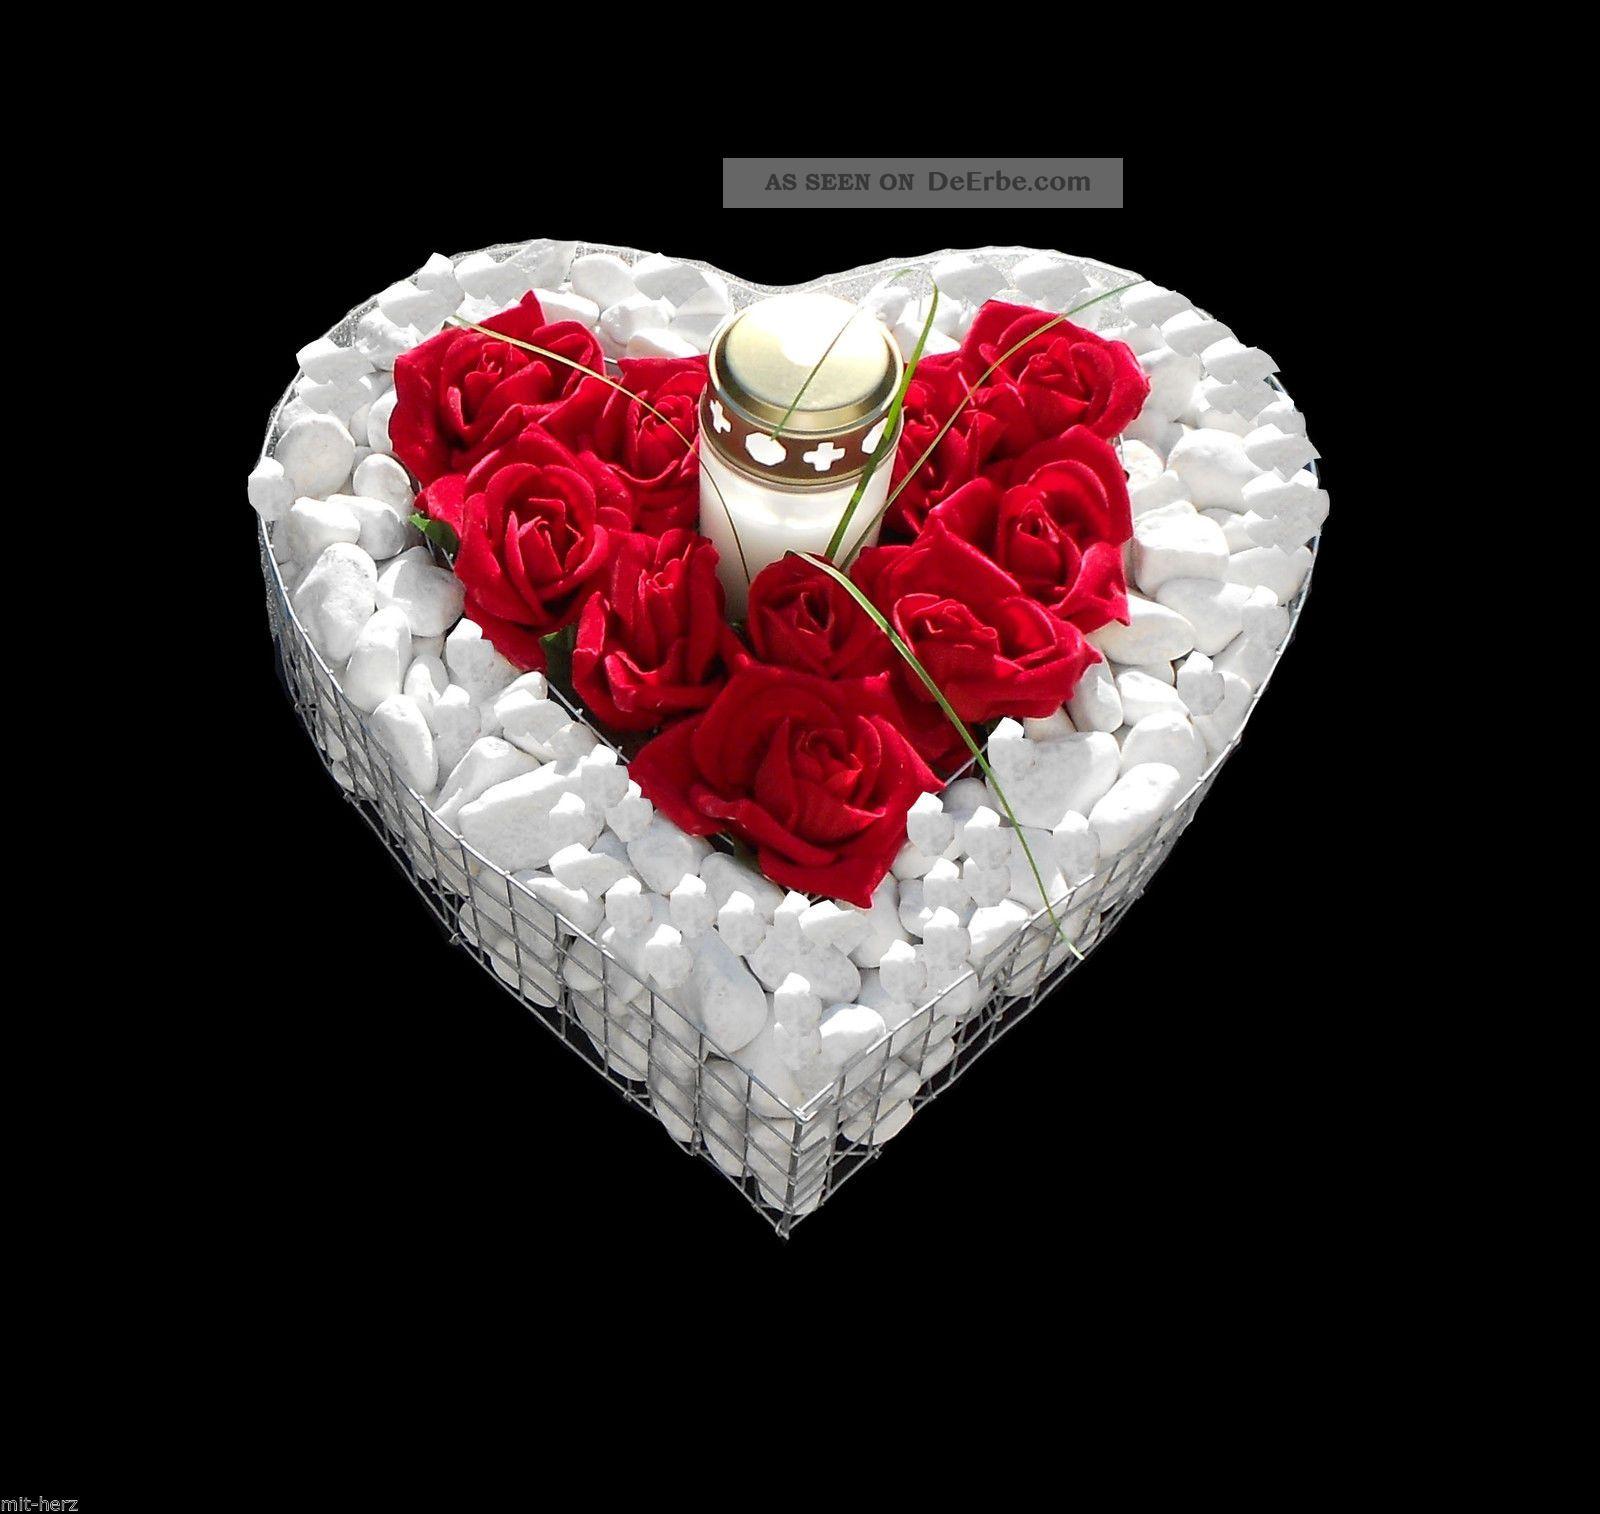 ♥ Grabherz Mit Kies Rosen Grablicht ♥35x35x8cm Grabschmuck Herz Grab Engel Liebe Nostalgie- & Neuware Bild